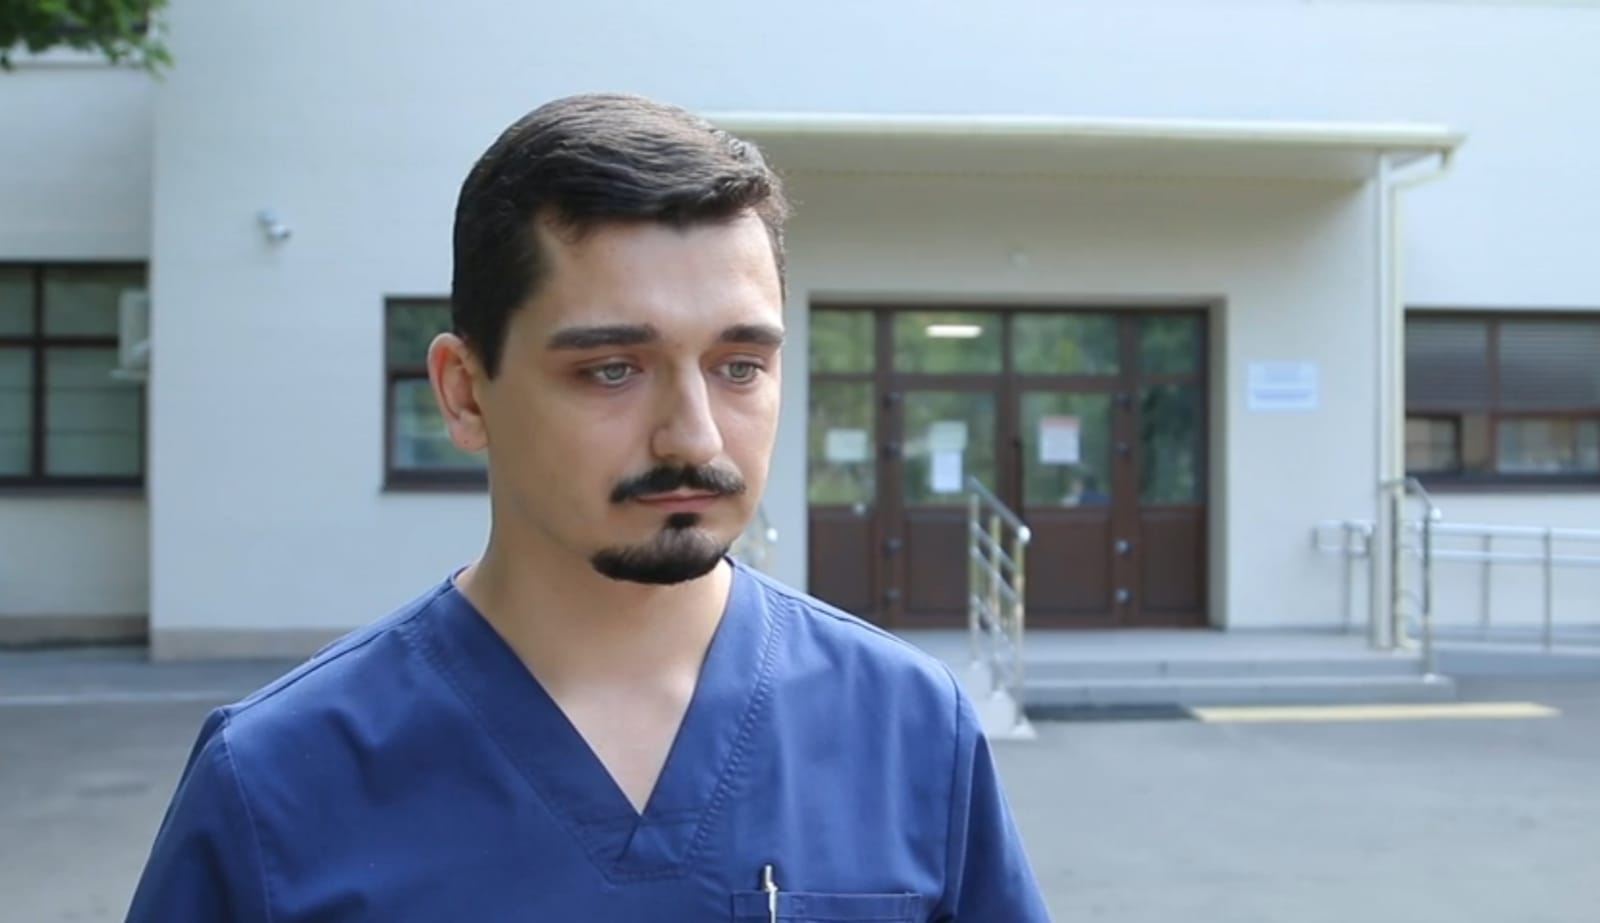 Начальник моноинфекционного госпиталя ЦГБ им. Н.А. Семашко: «Наши ковидные госпитали развёрнуты на полную мощность»